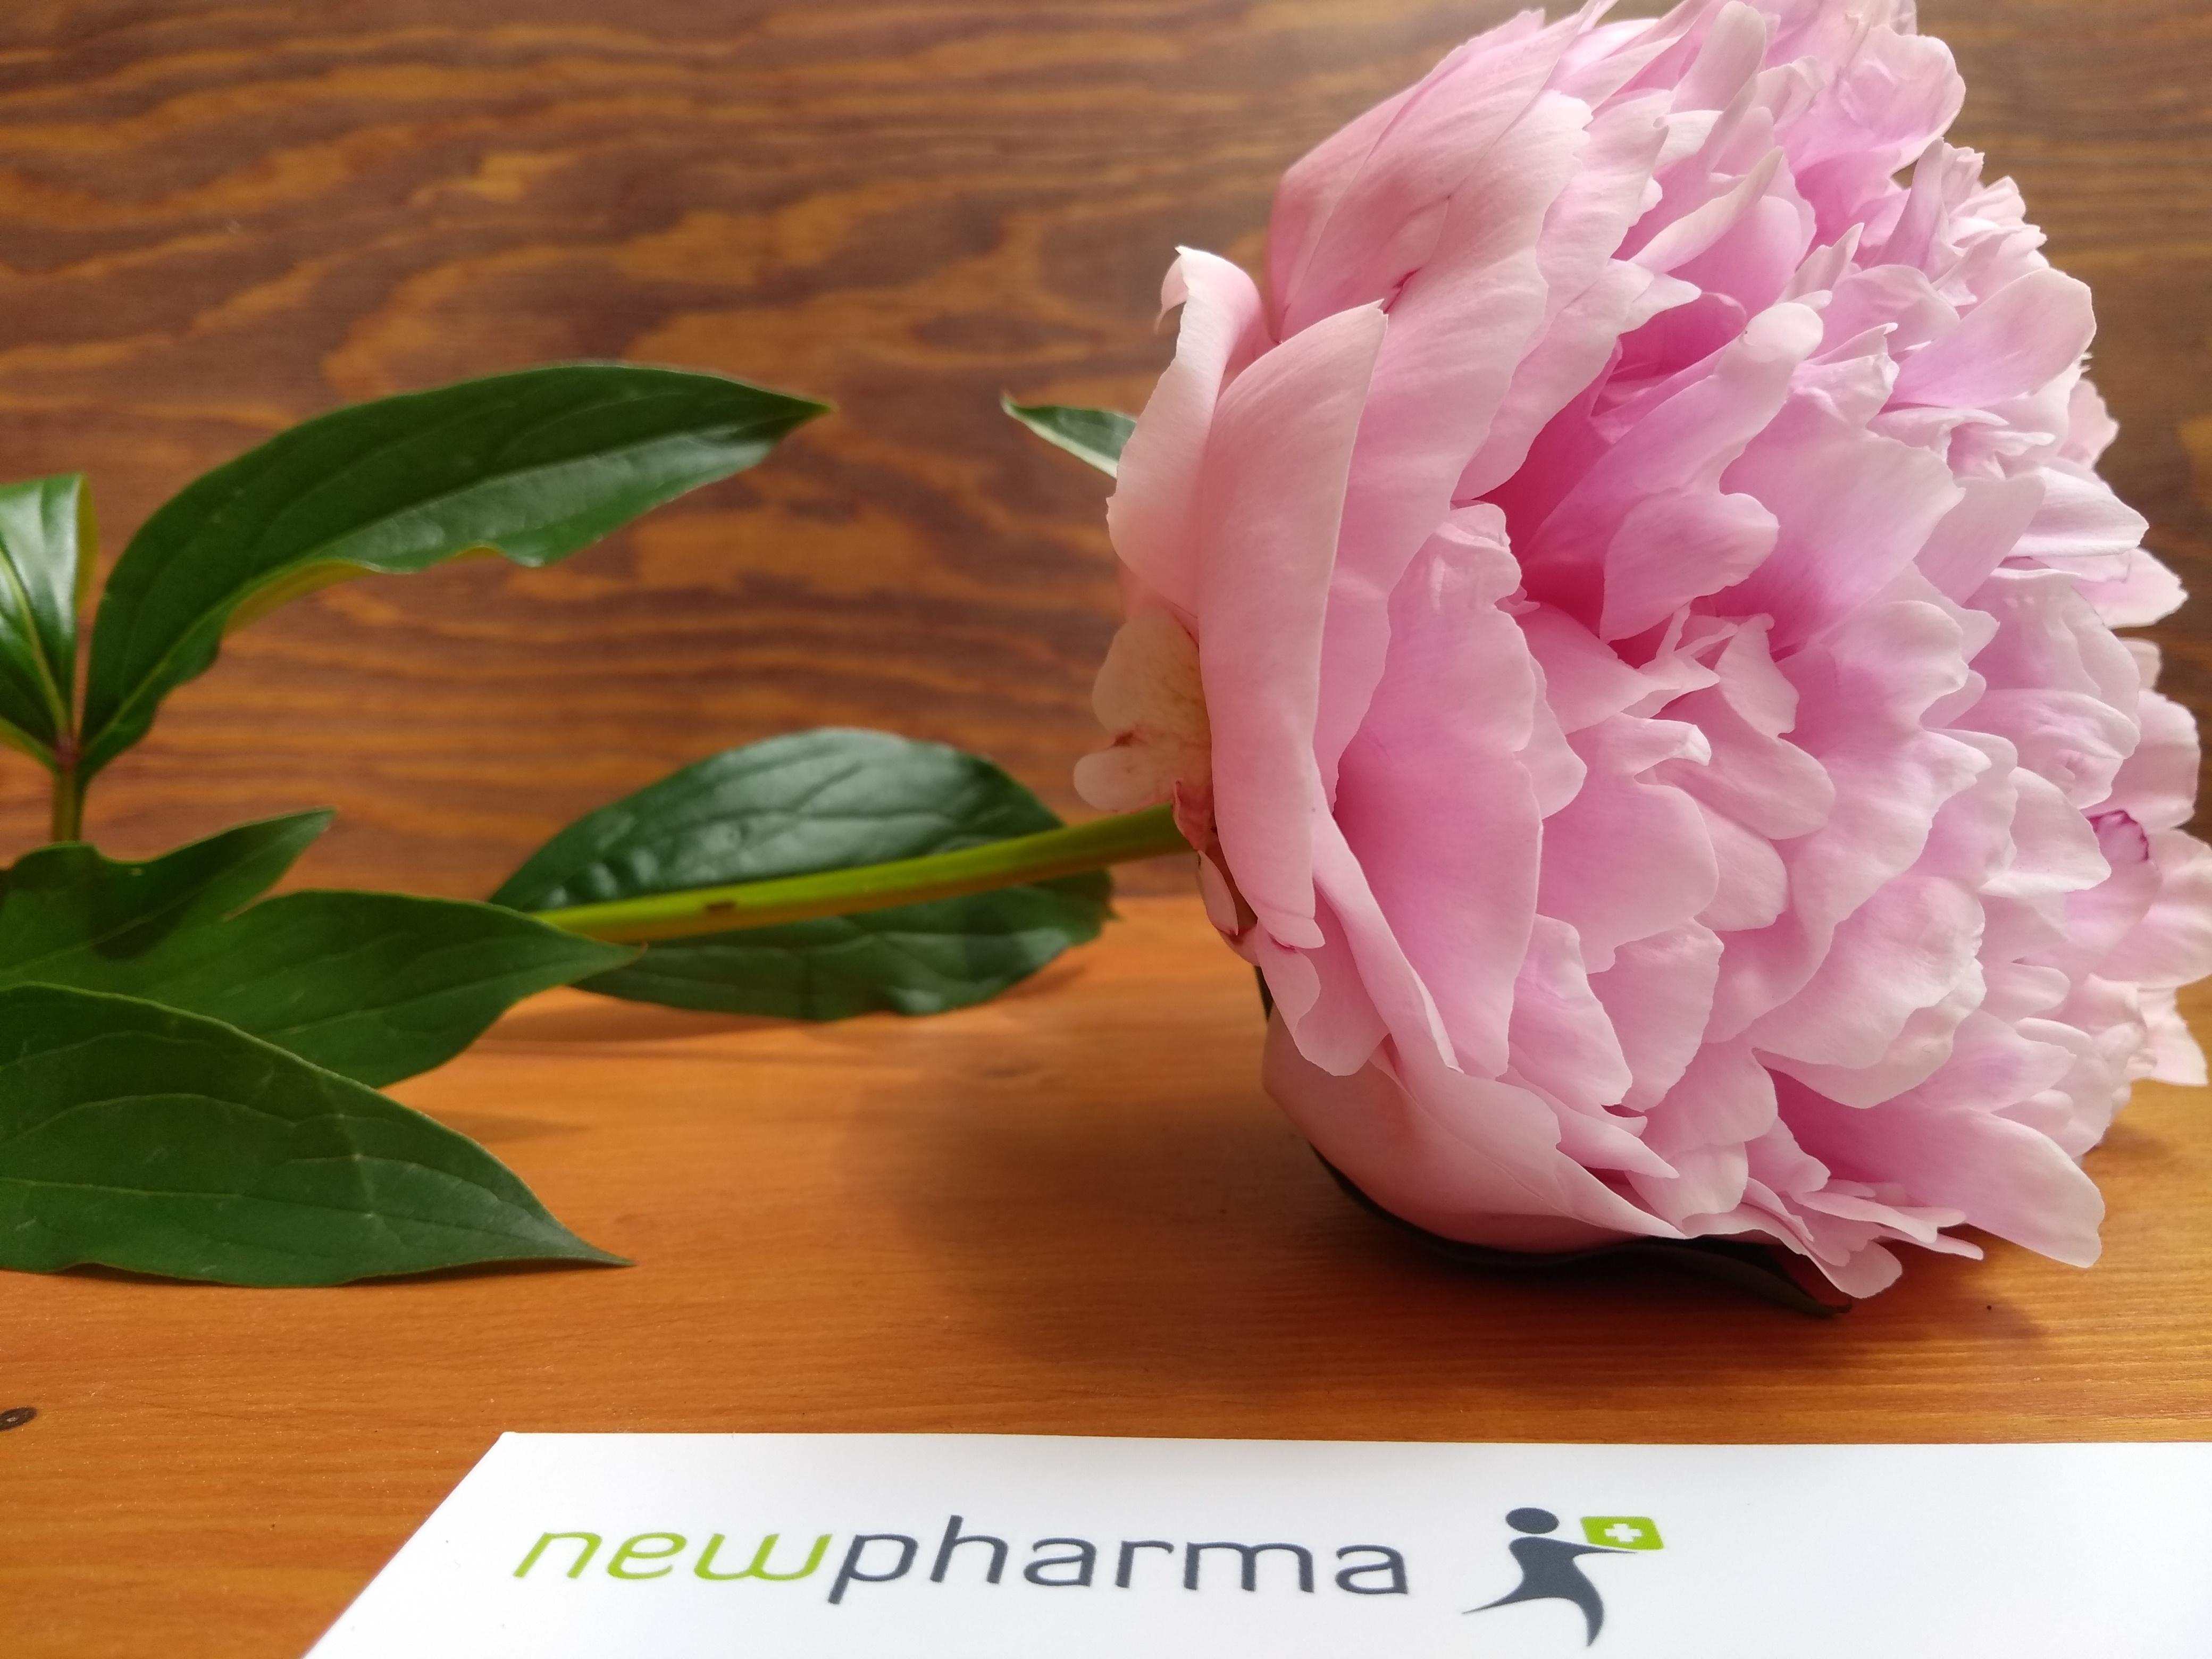 Newpharma - Die Online Apotheke